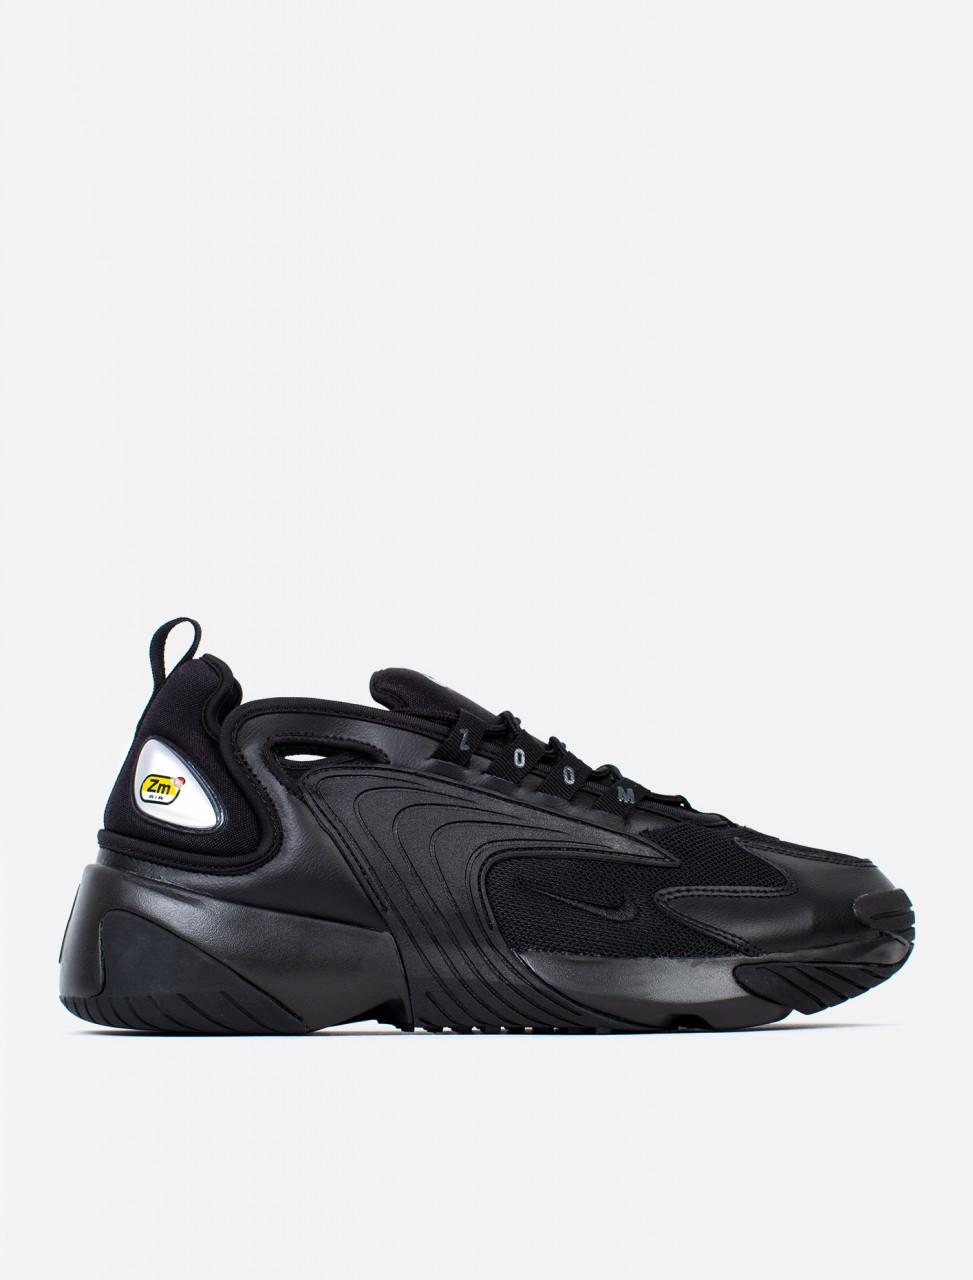 Zoom 2K Sneaker